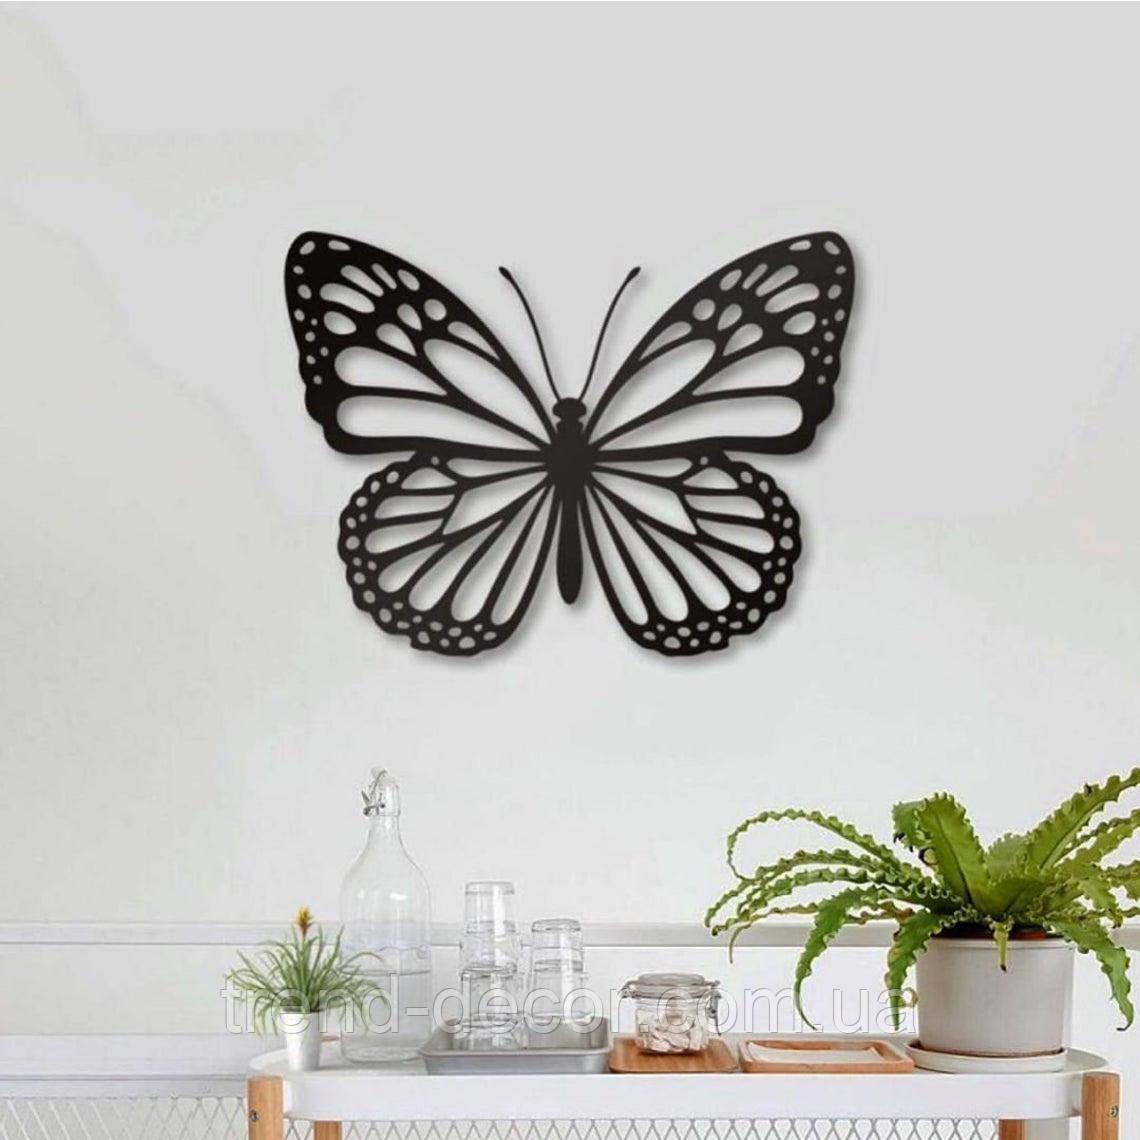 Декоративне металеве панно Метелик